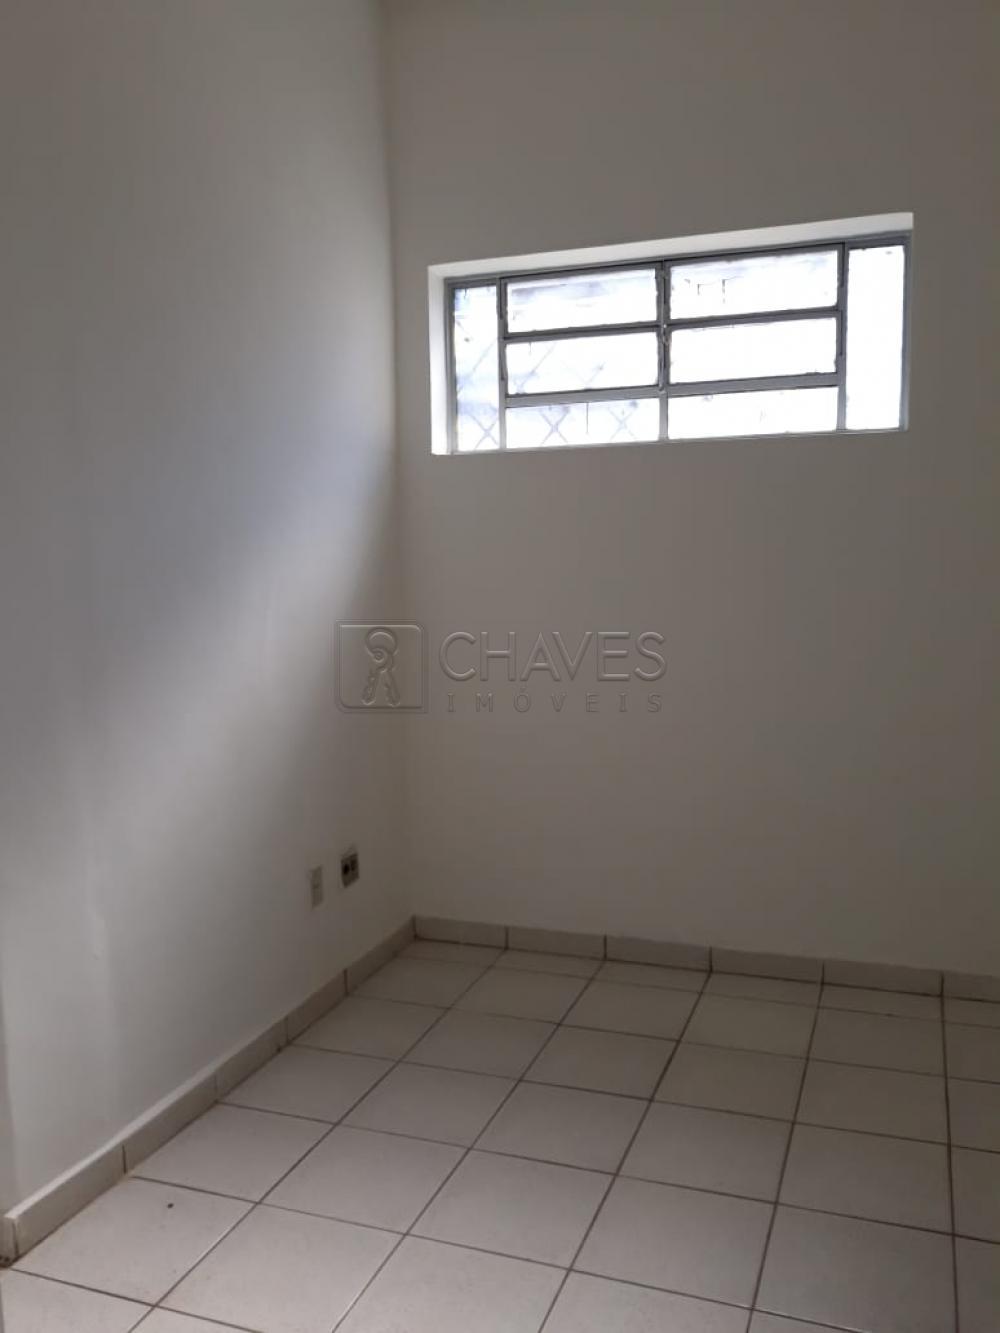 Alugar Comercial / Salão em Ribeirão Preto apenas R$ 900,00 - Foto 11